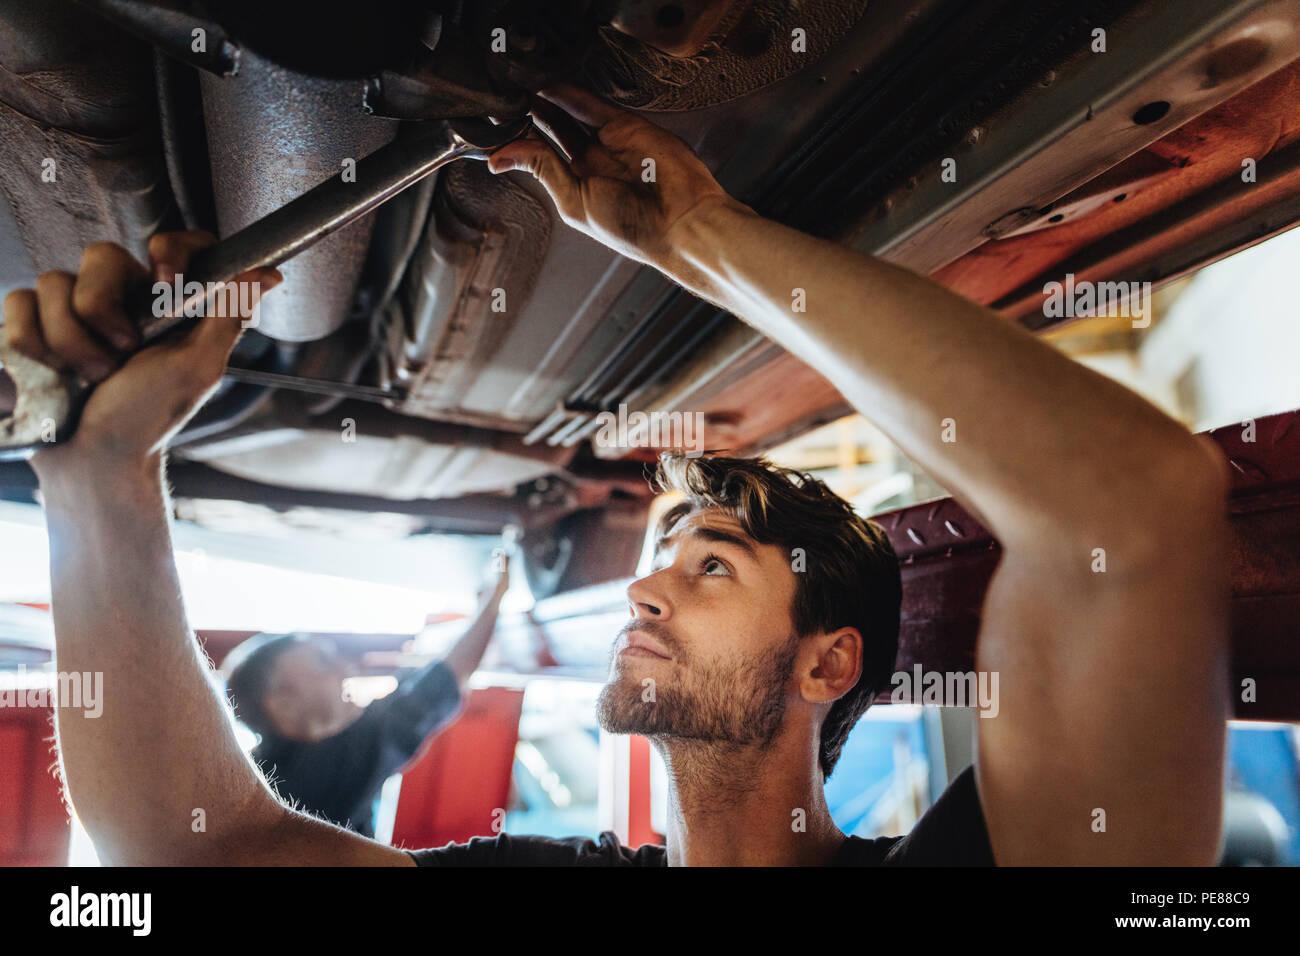 Jeune homme de travailler sous une voiture. Le serrage mécanique une pièce de voiture avec la clé dans le centre de services de l'automobile. Photo Stock